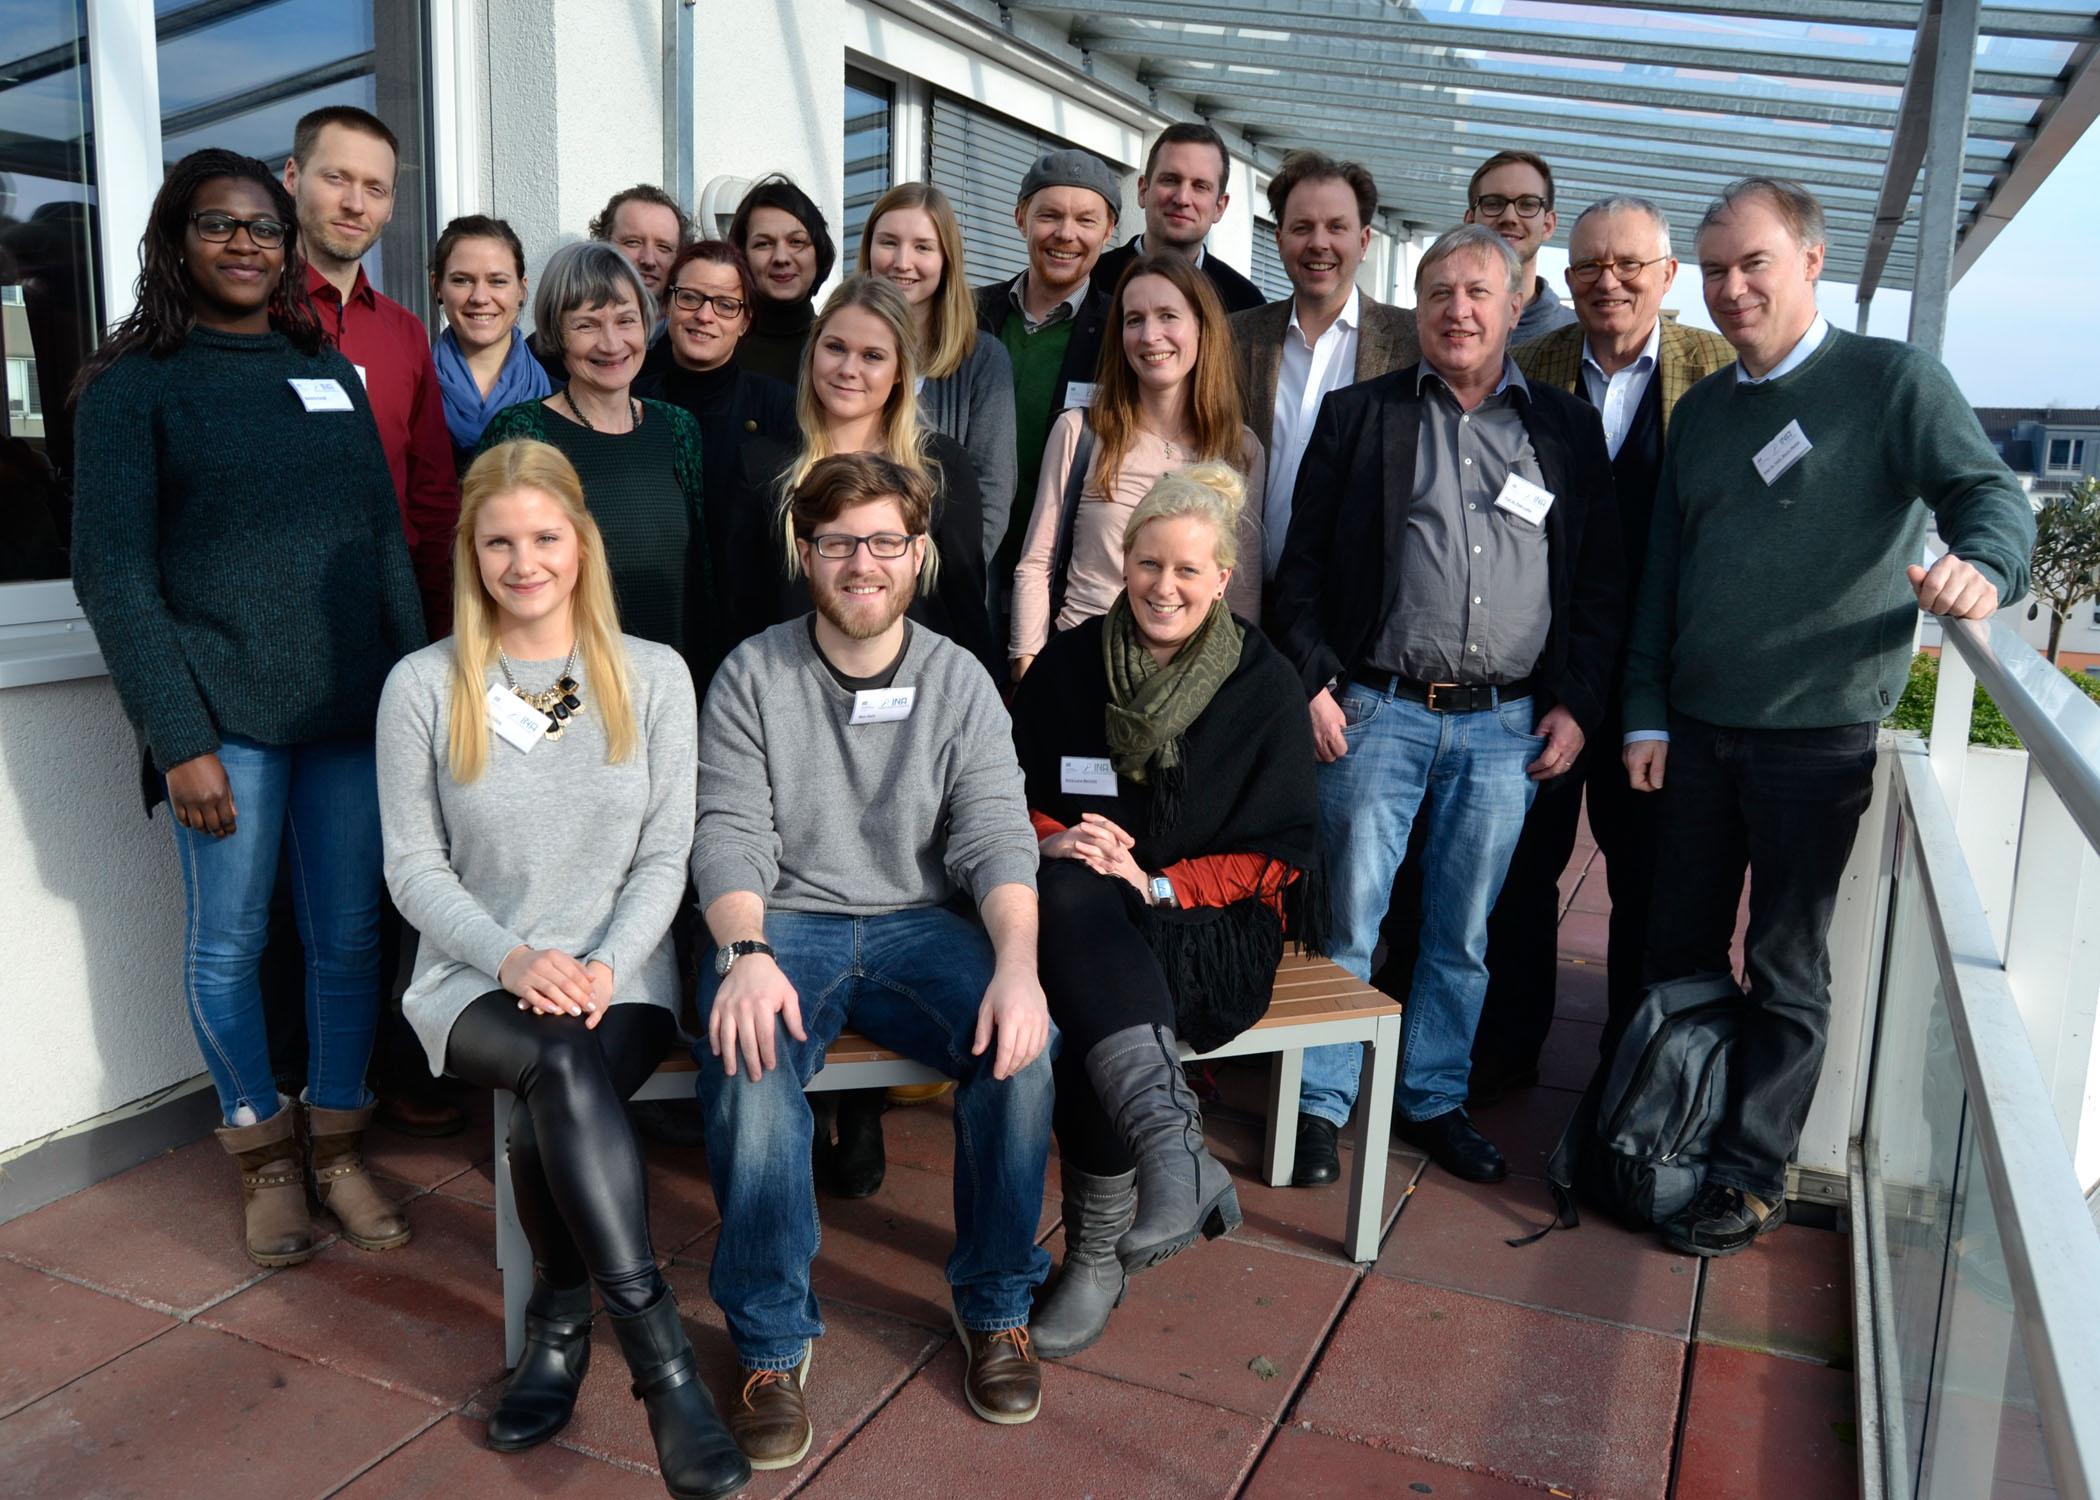 Gruppenfoto der anwesenden INA-Jury-Mitglieder